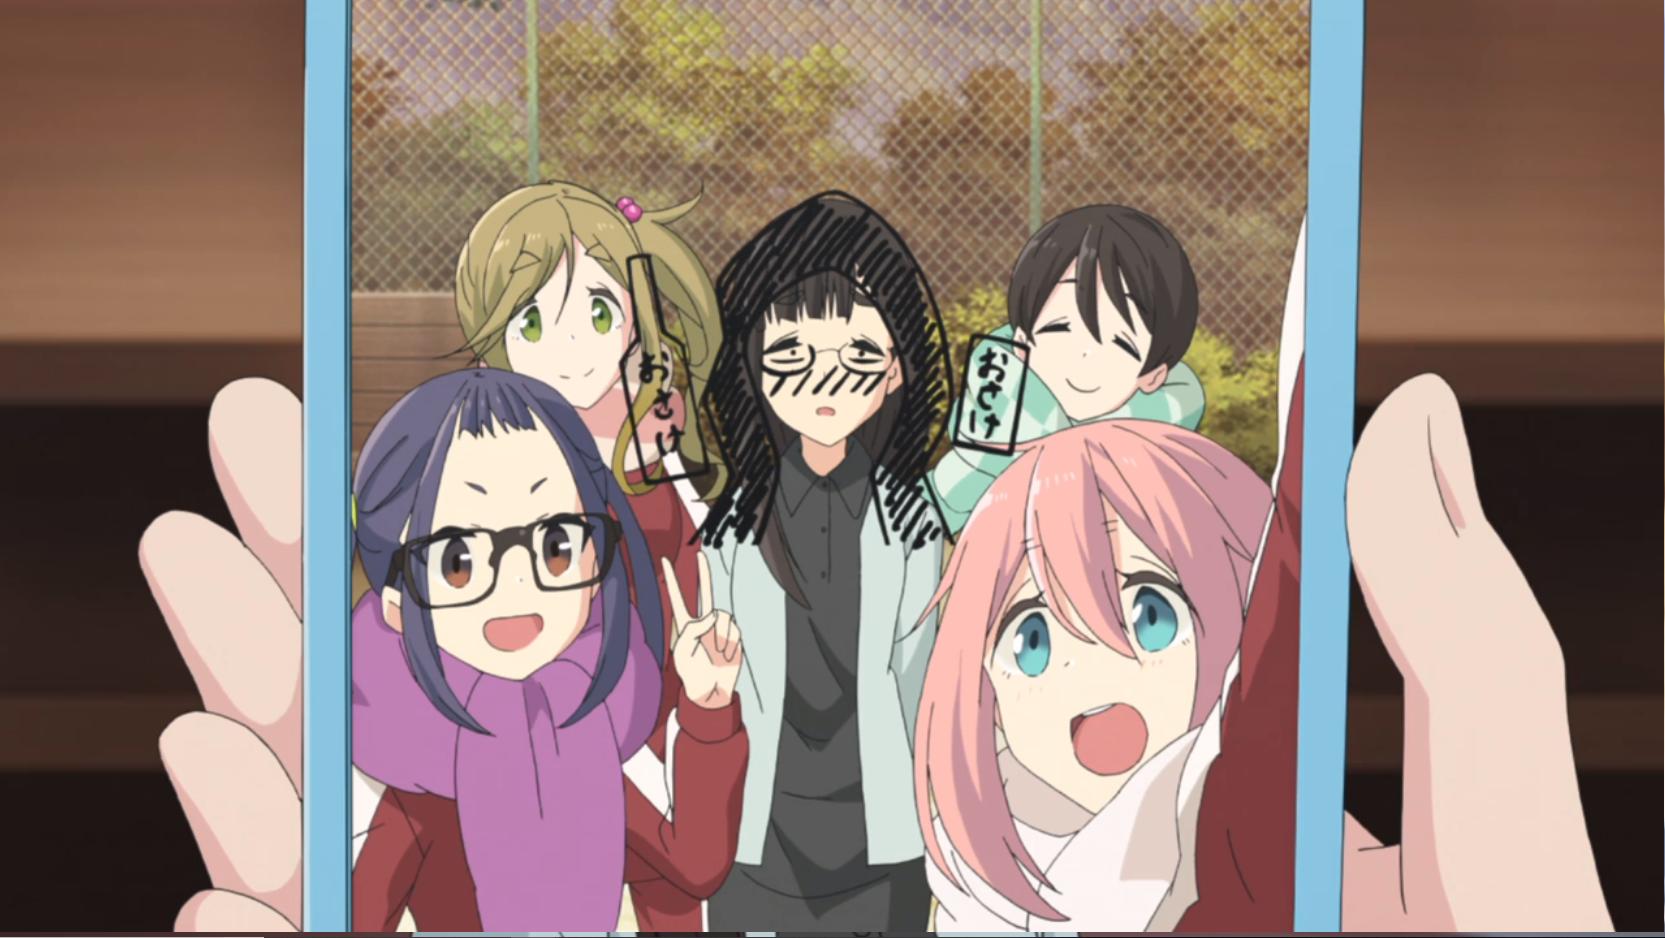 アニメ『ゆるキャン△』10話の野クルメンバーと斉藤さんと鳥羽先生